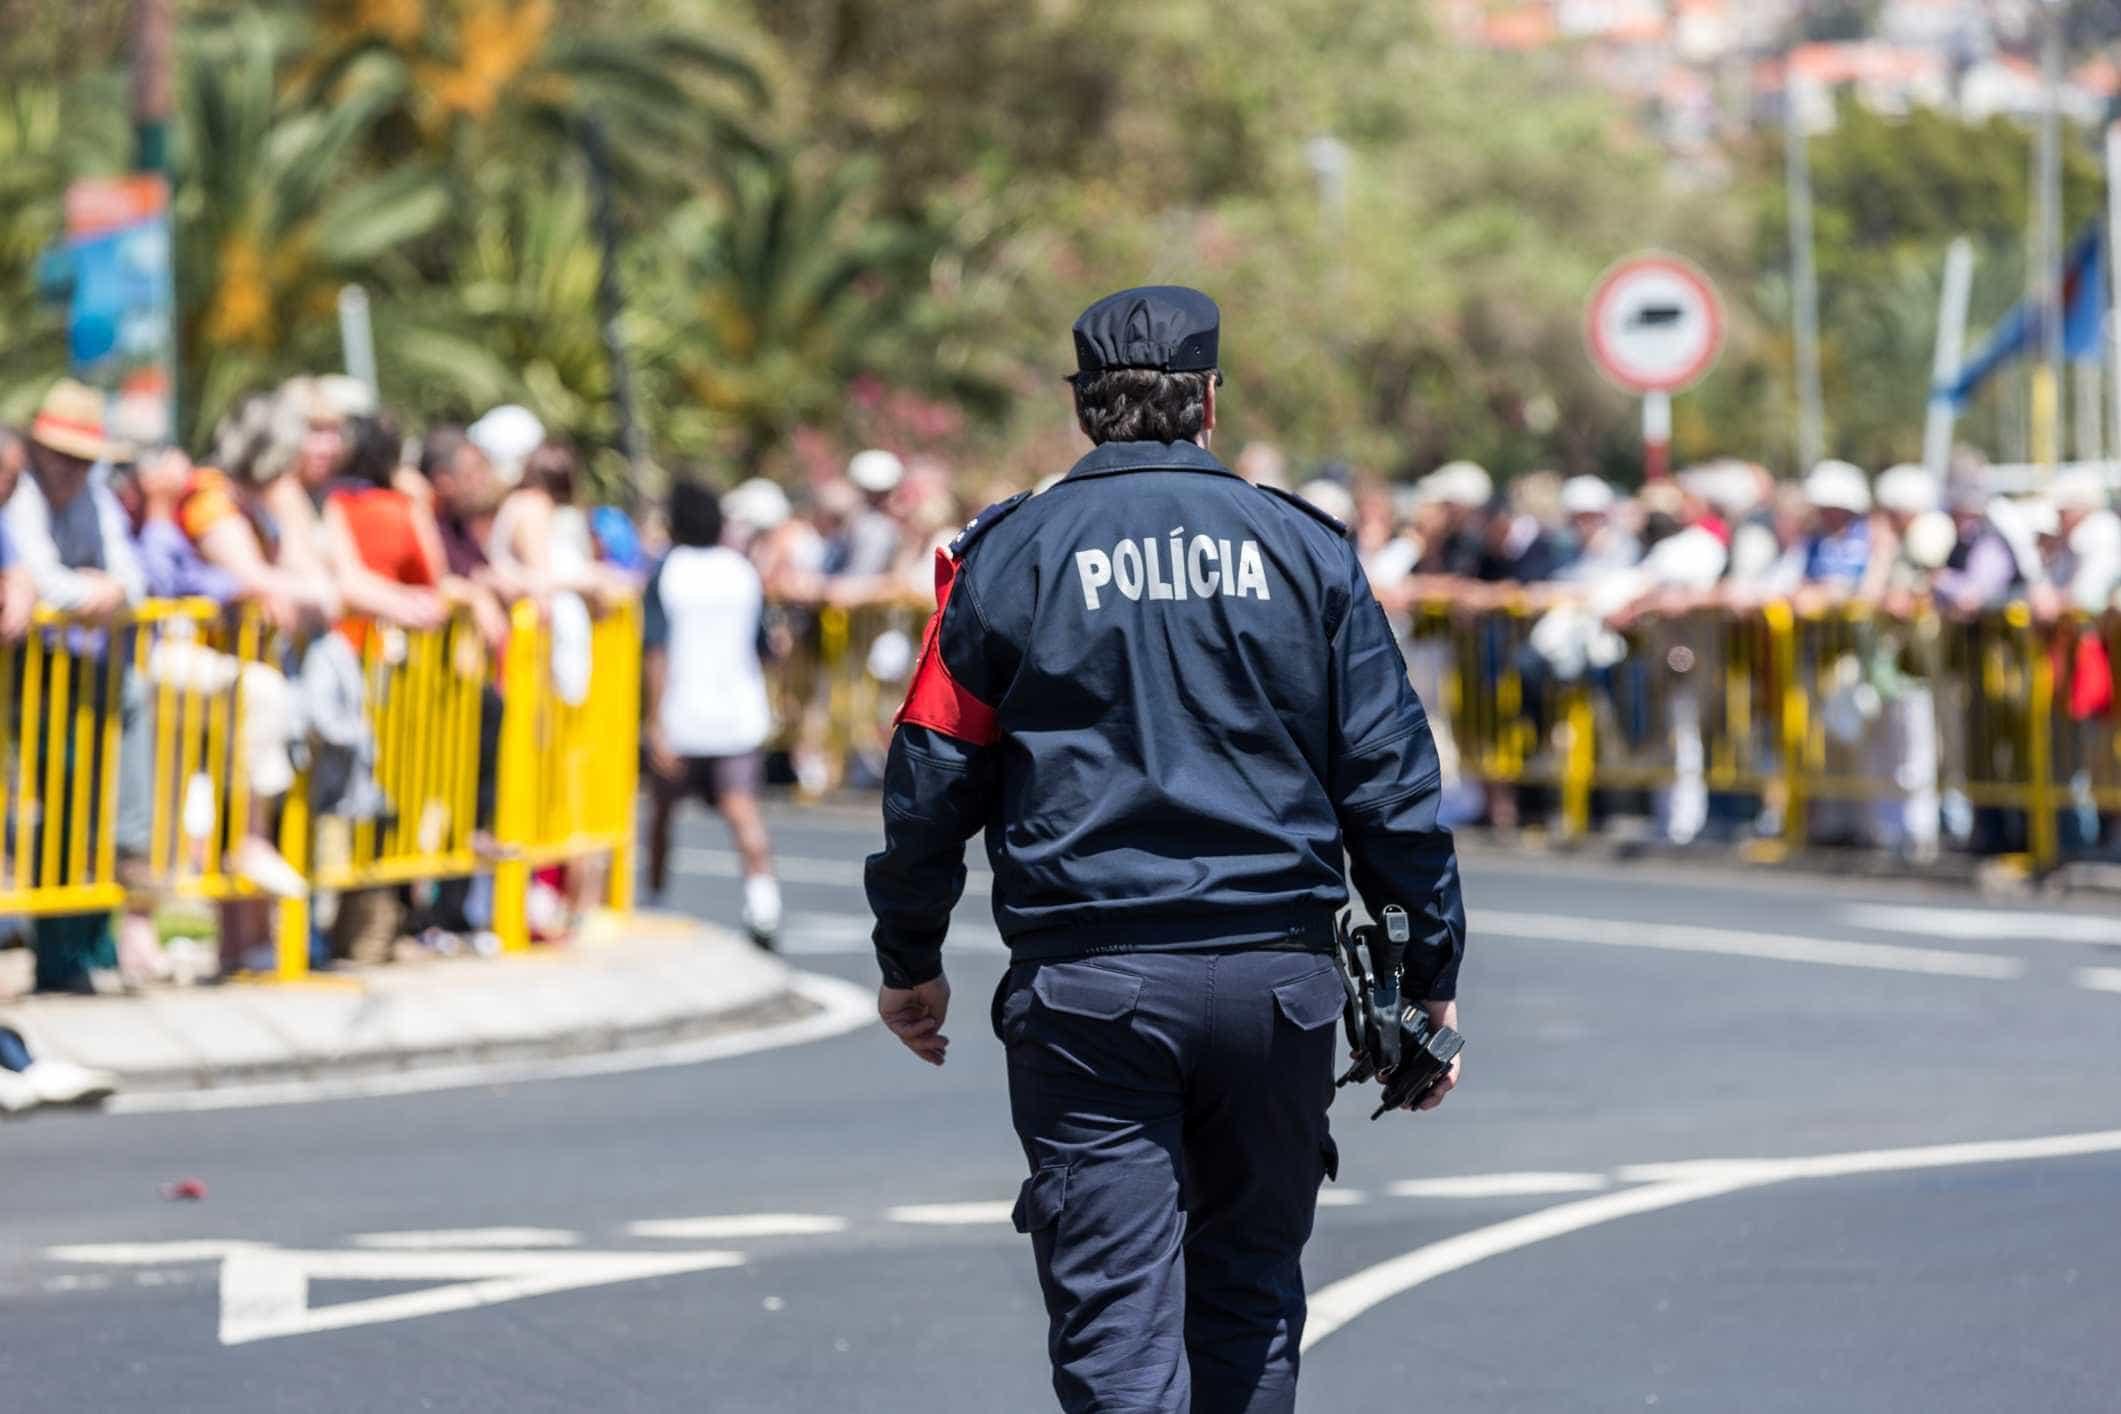 Vigilante fez-se passar por polícia em Espinho